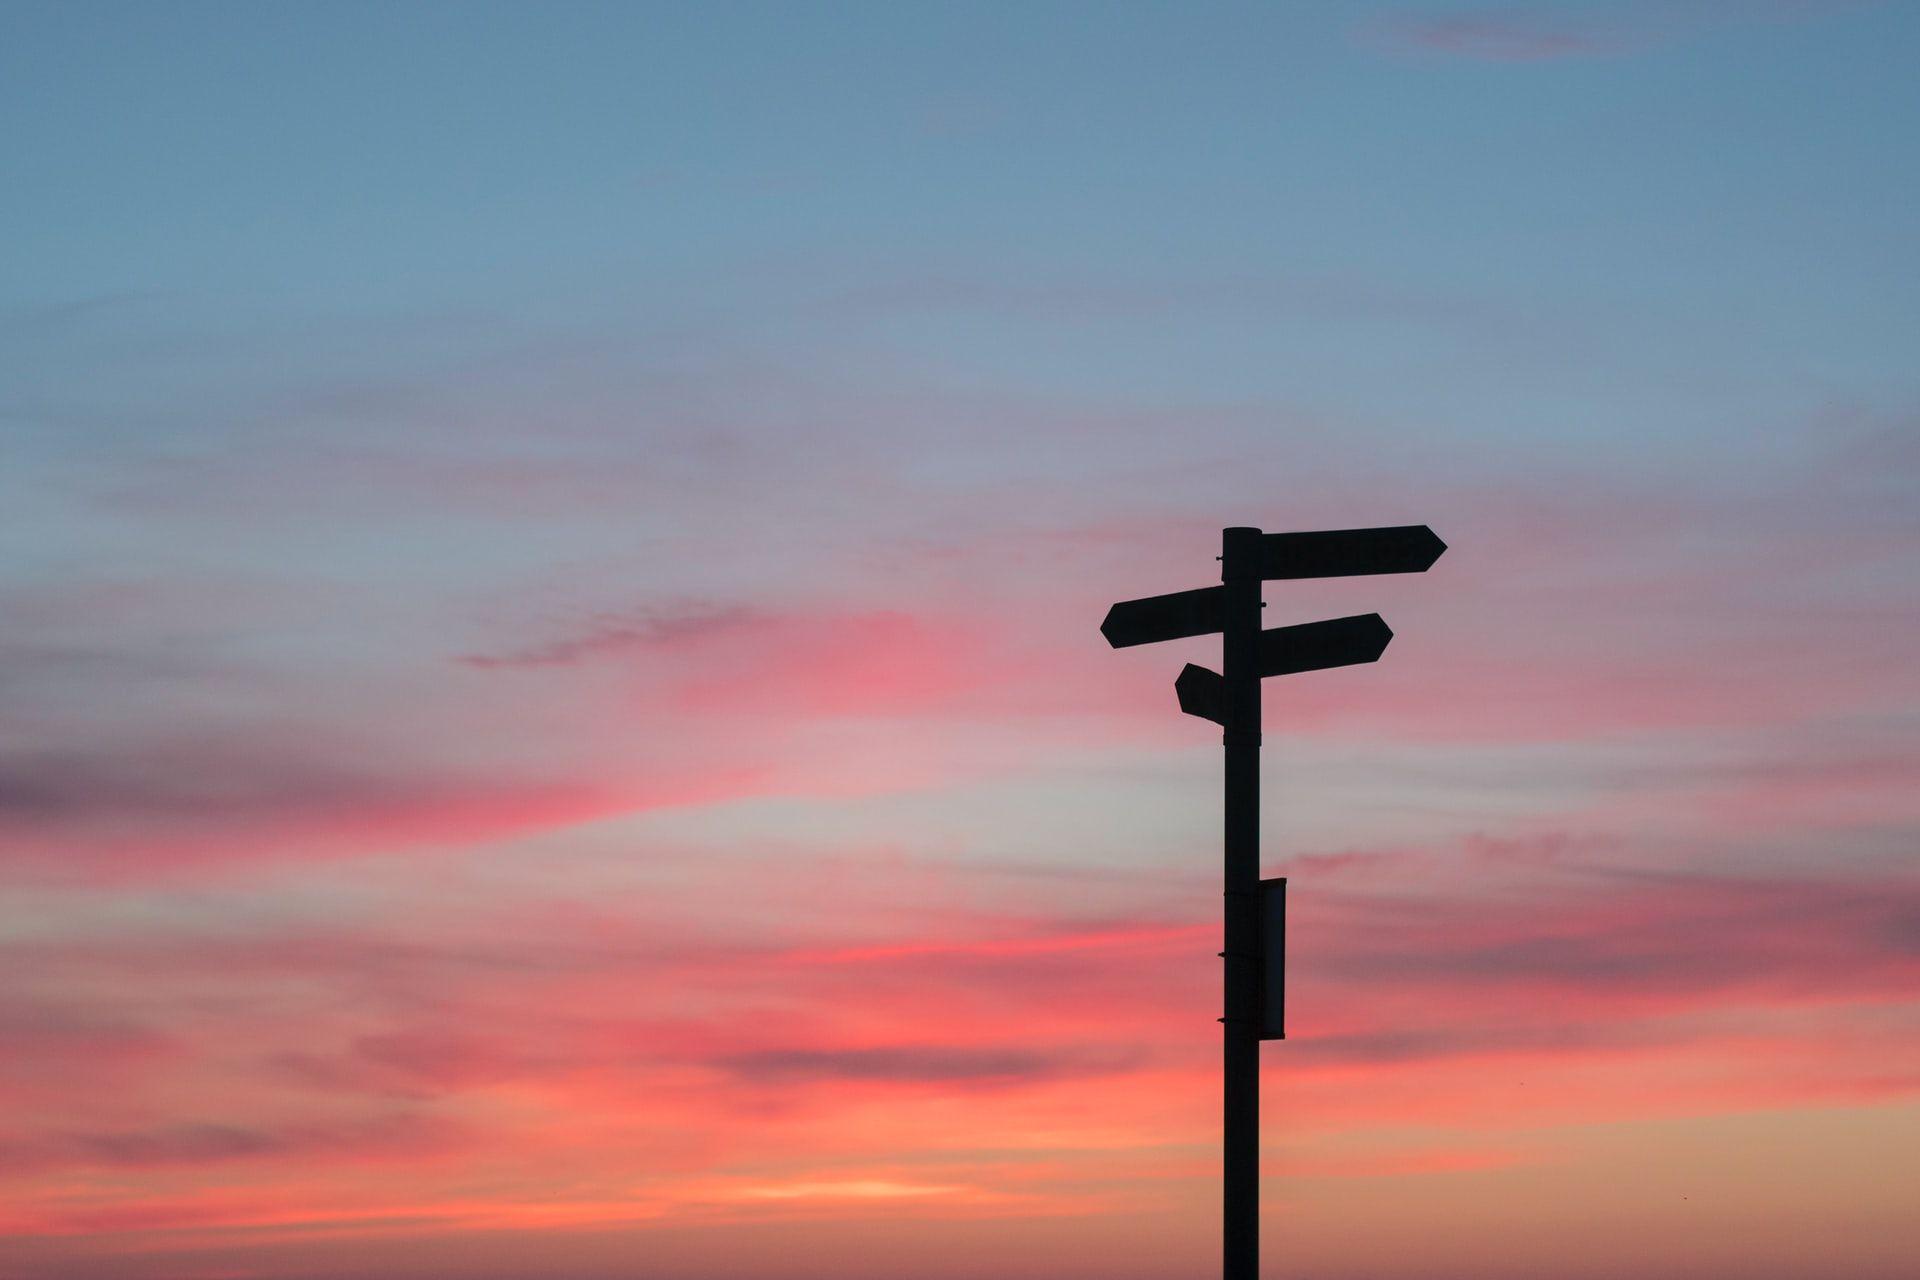 Signpost at dusk